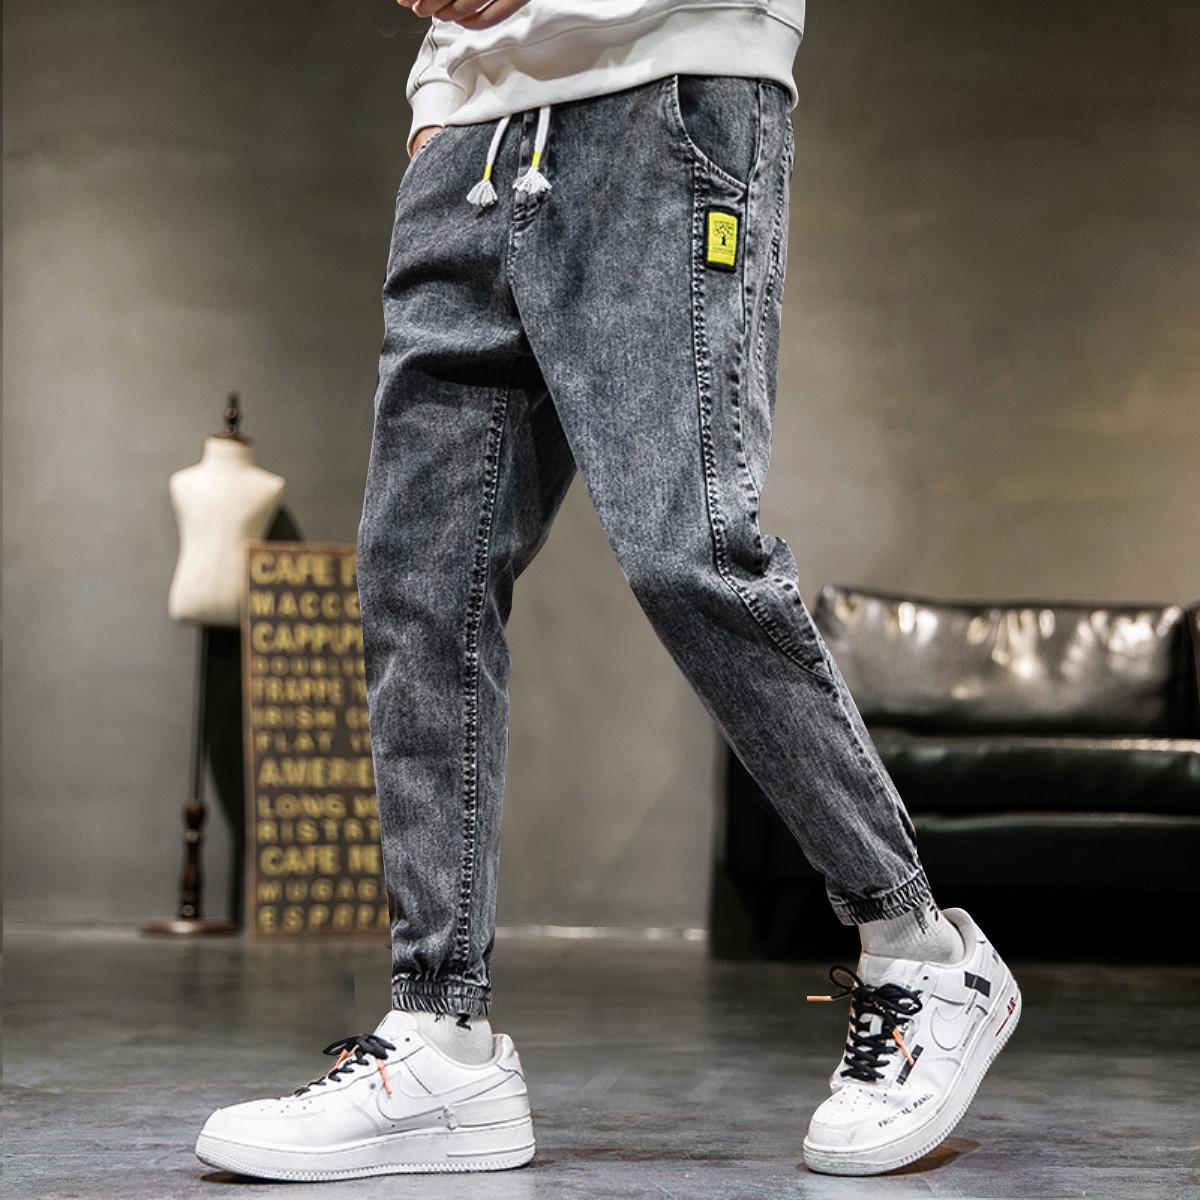 希尼亚男牛仔裤情侣春夏小脚牛仔裤修身牛仔裤子韩版潮流牛仔裤XB1935125N10